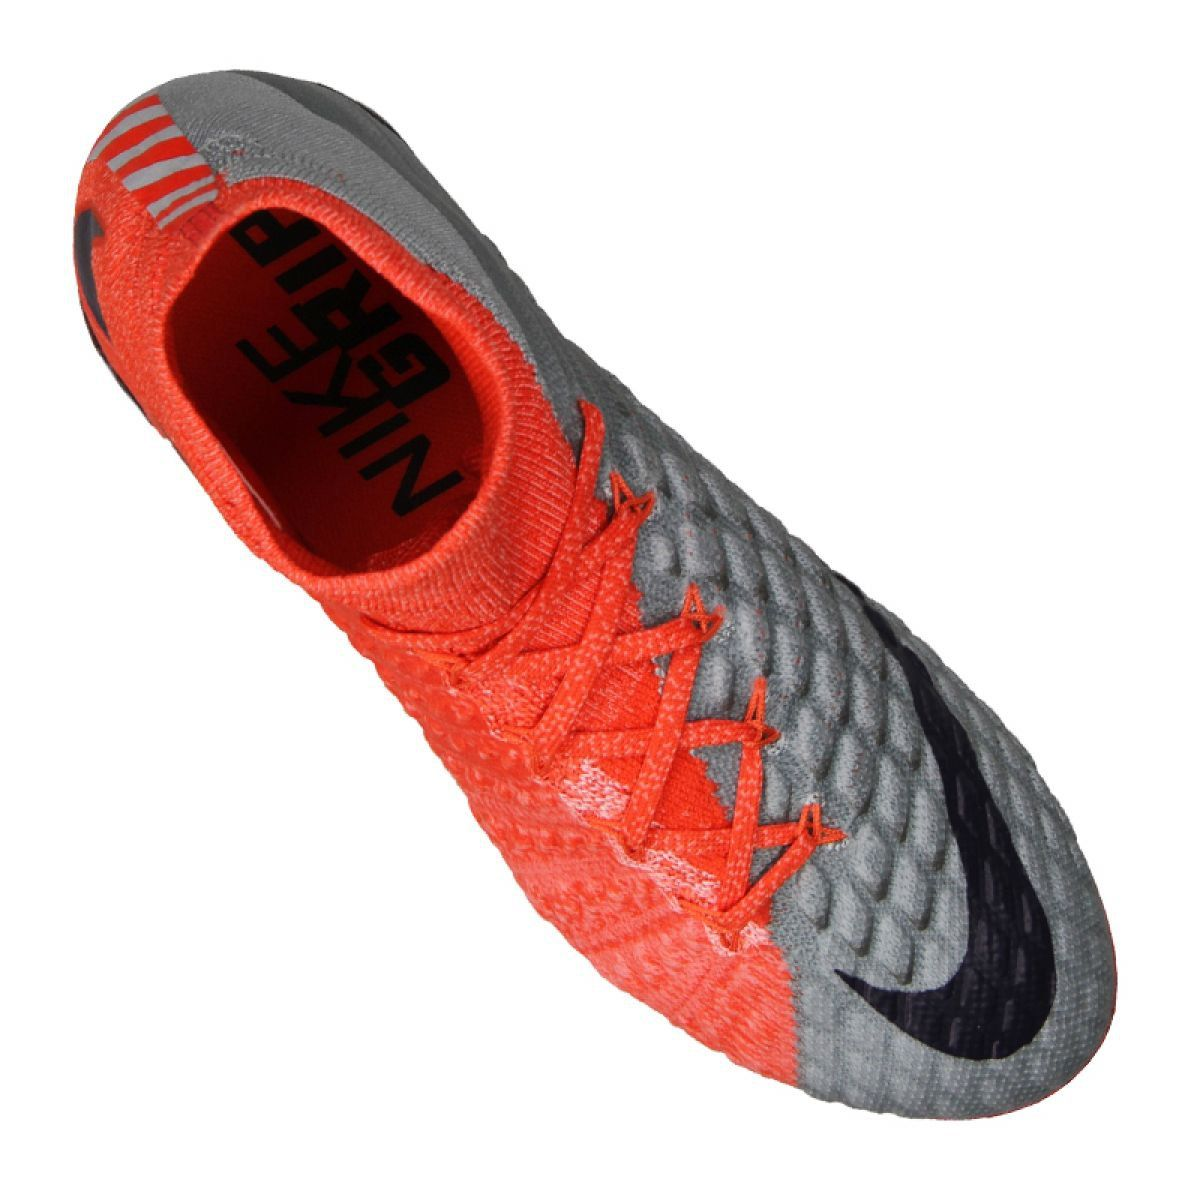 Buty Pilkarskie Nike Wmns Hypervenom Phantom 3 Df Fg M 881545 058 Wielokolorowe Czerwone Football Shoes Nike Shoes